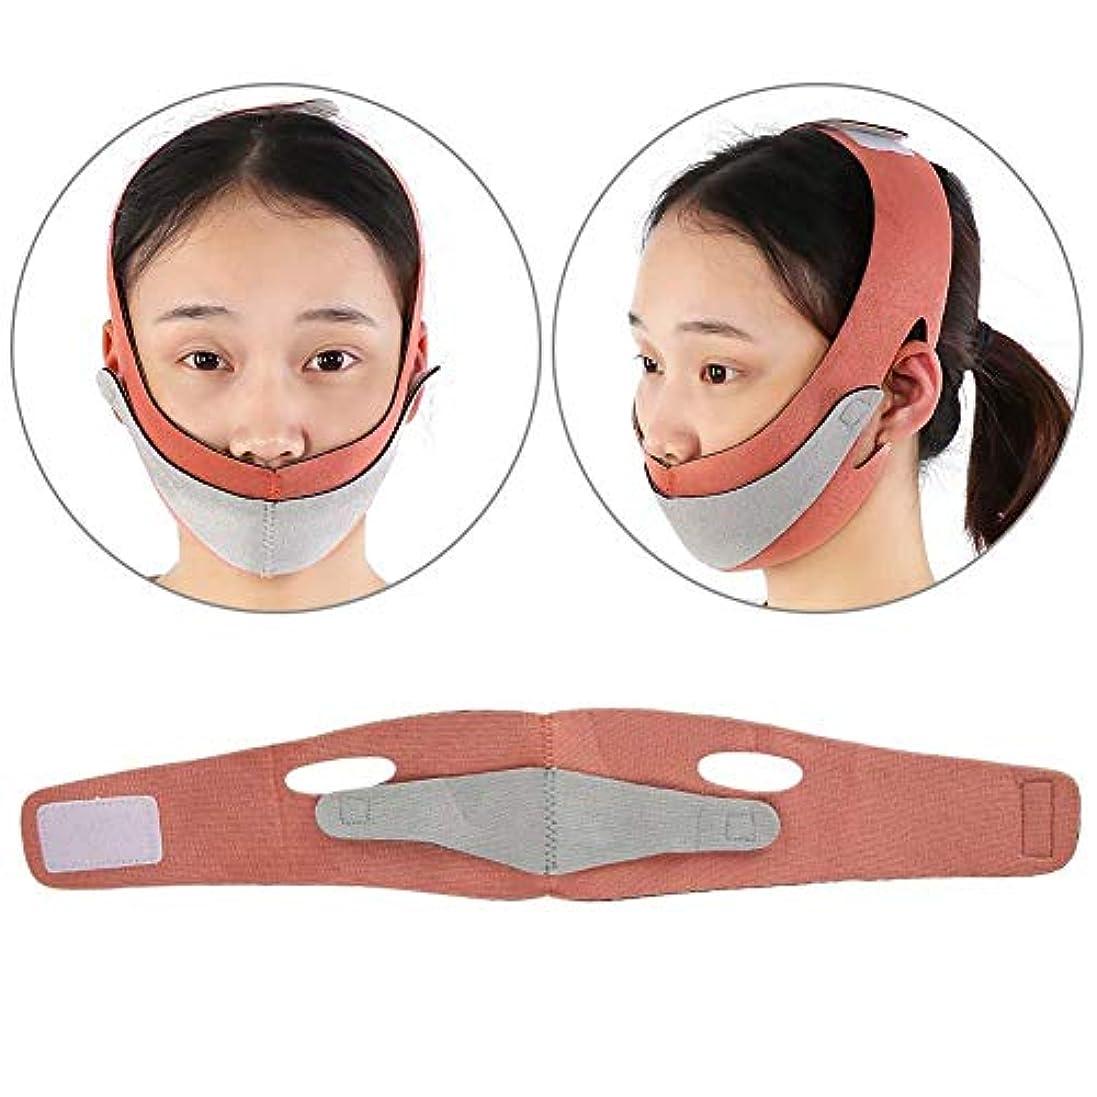 ドメイン会員立ち寄る顔の輪郭を改善し、二重あご、脂肪蓄積、筋肉弛緩を効果的に改善するためのVフェイス美容包帯(02)